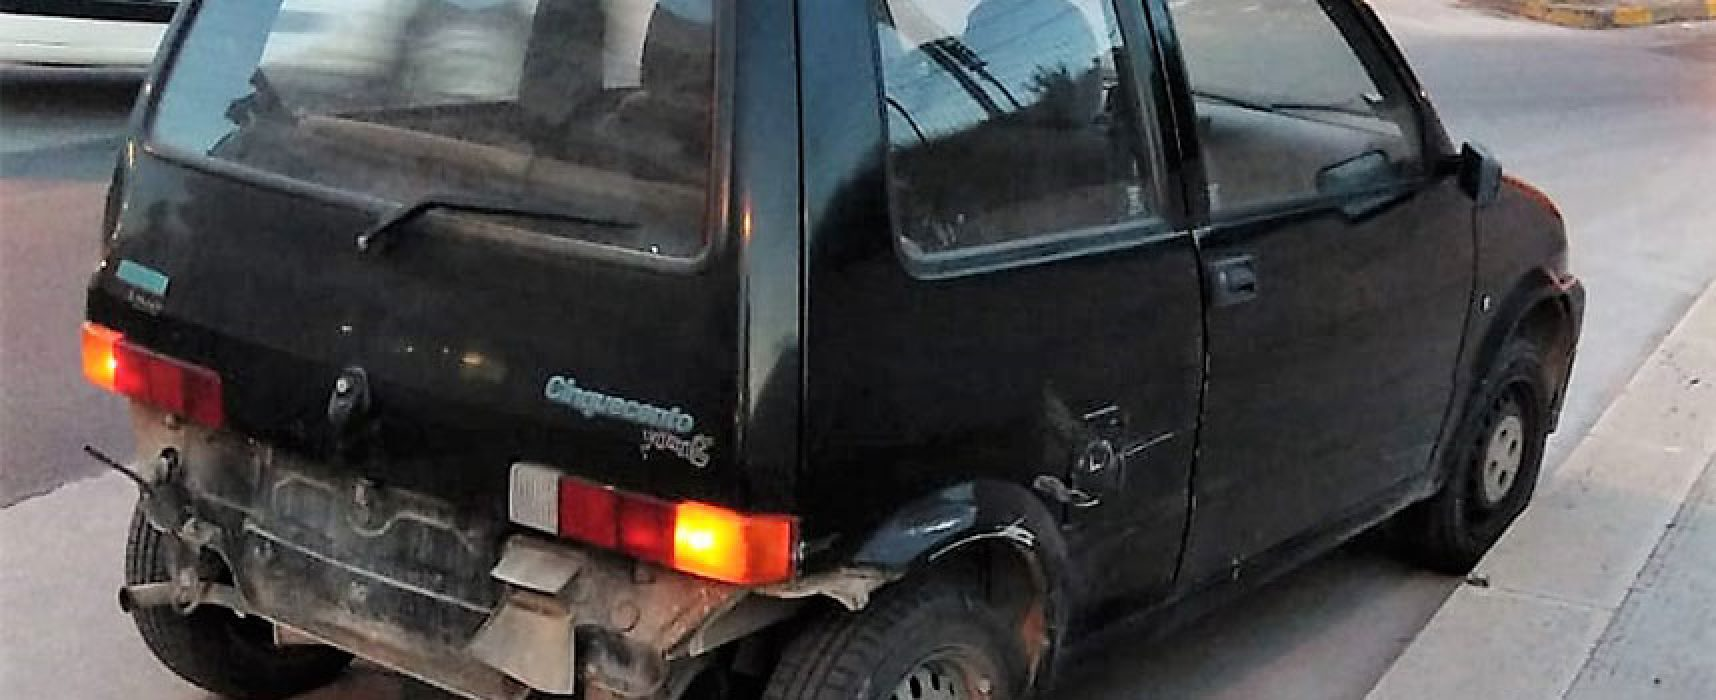 Aveva scippato donna biscegliese, 45enne arrestato da carabinieri